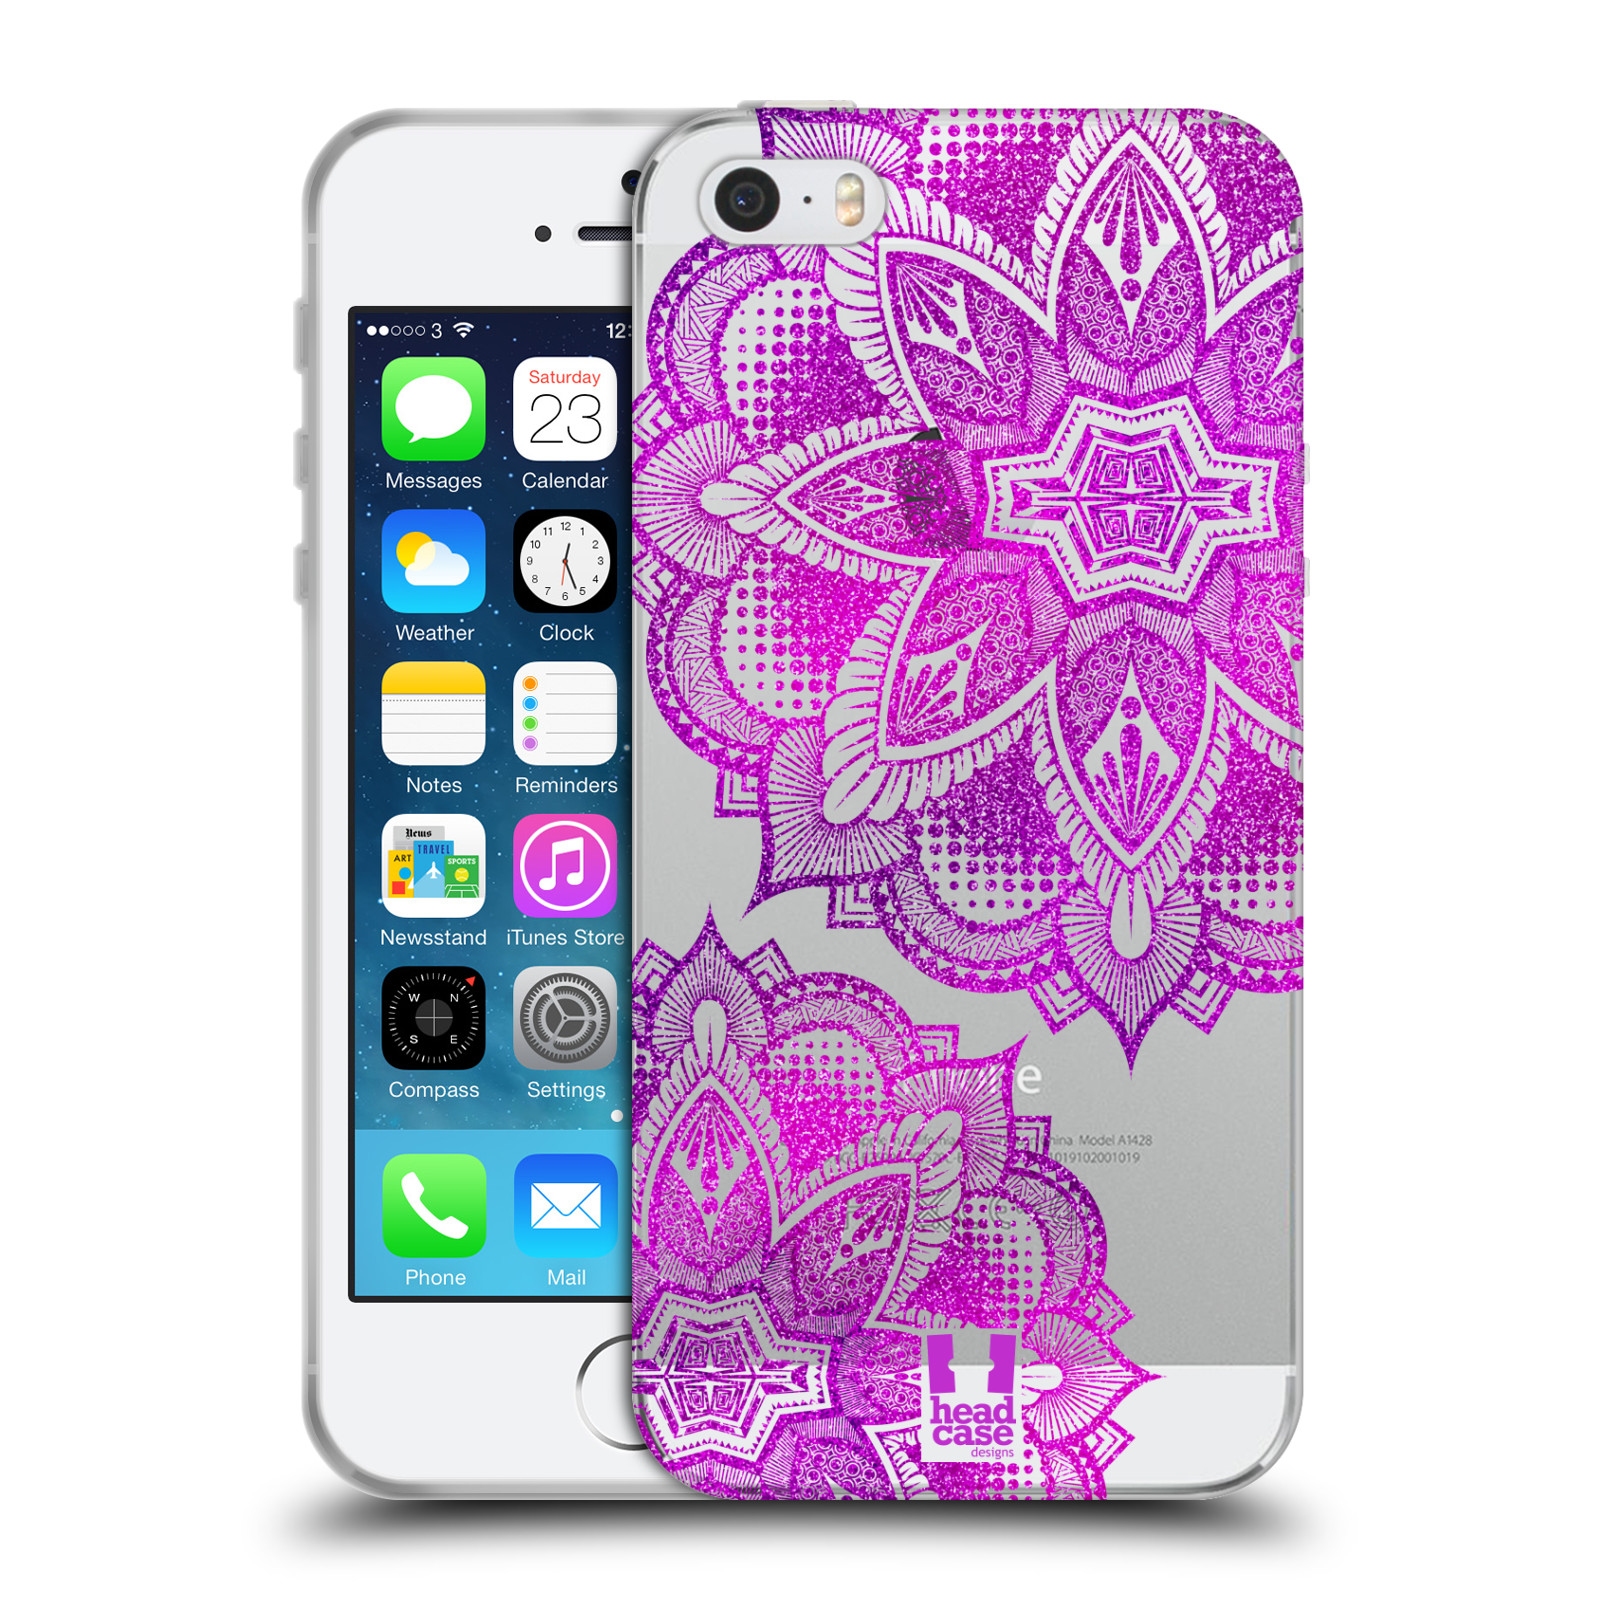 Silikonové pouzdro na mobil Apple iPhone 5, 5S, SE - Head Case - Fialová mandala